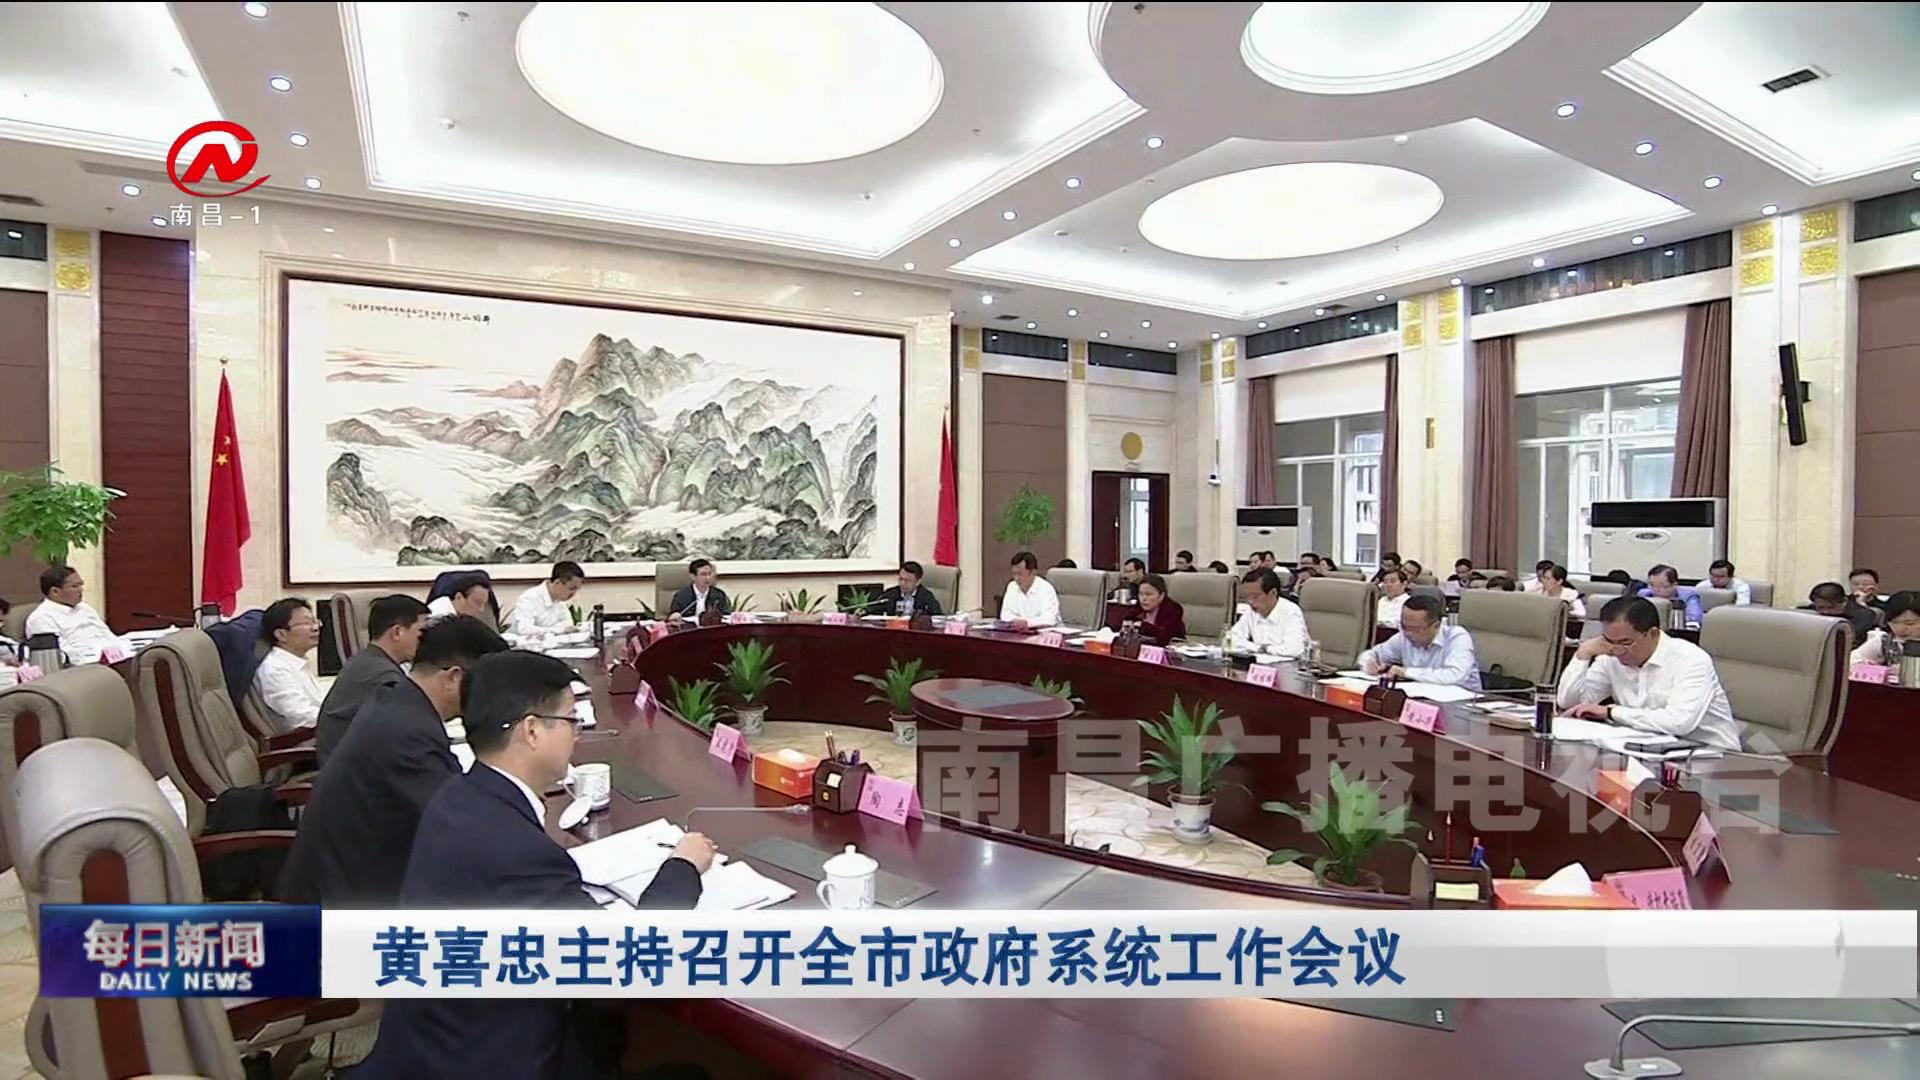 黄喜忠主持召开全市政府系统工作会议